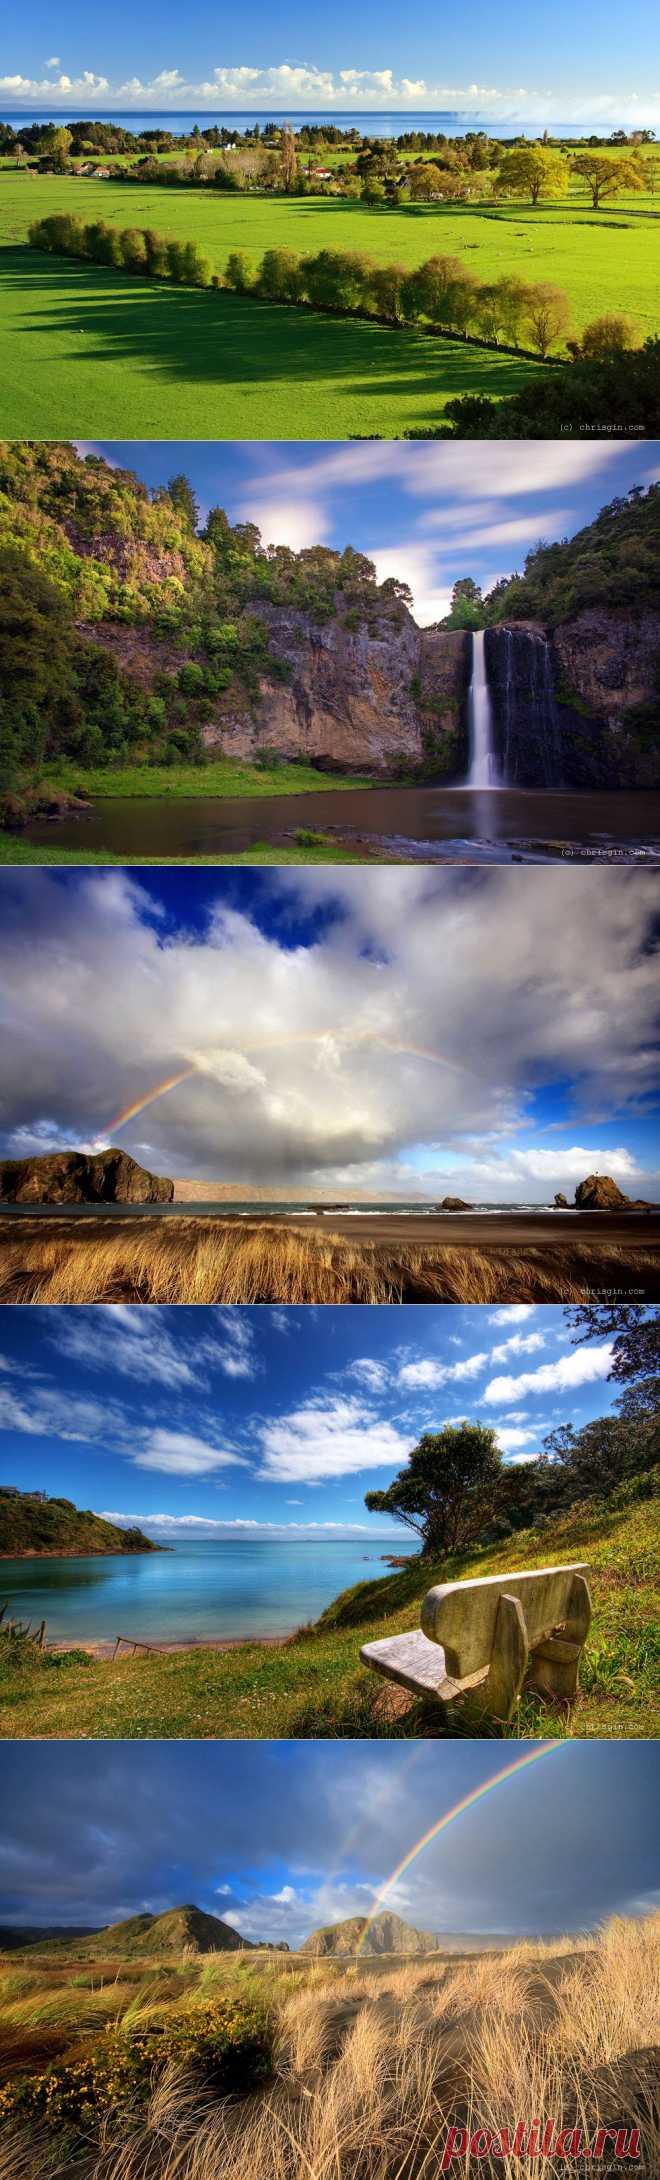 Красота пейзажей Новой Зеландии в объективе Криса Джина : НОВОСТИ В ФОТОГРАФИЯХ